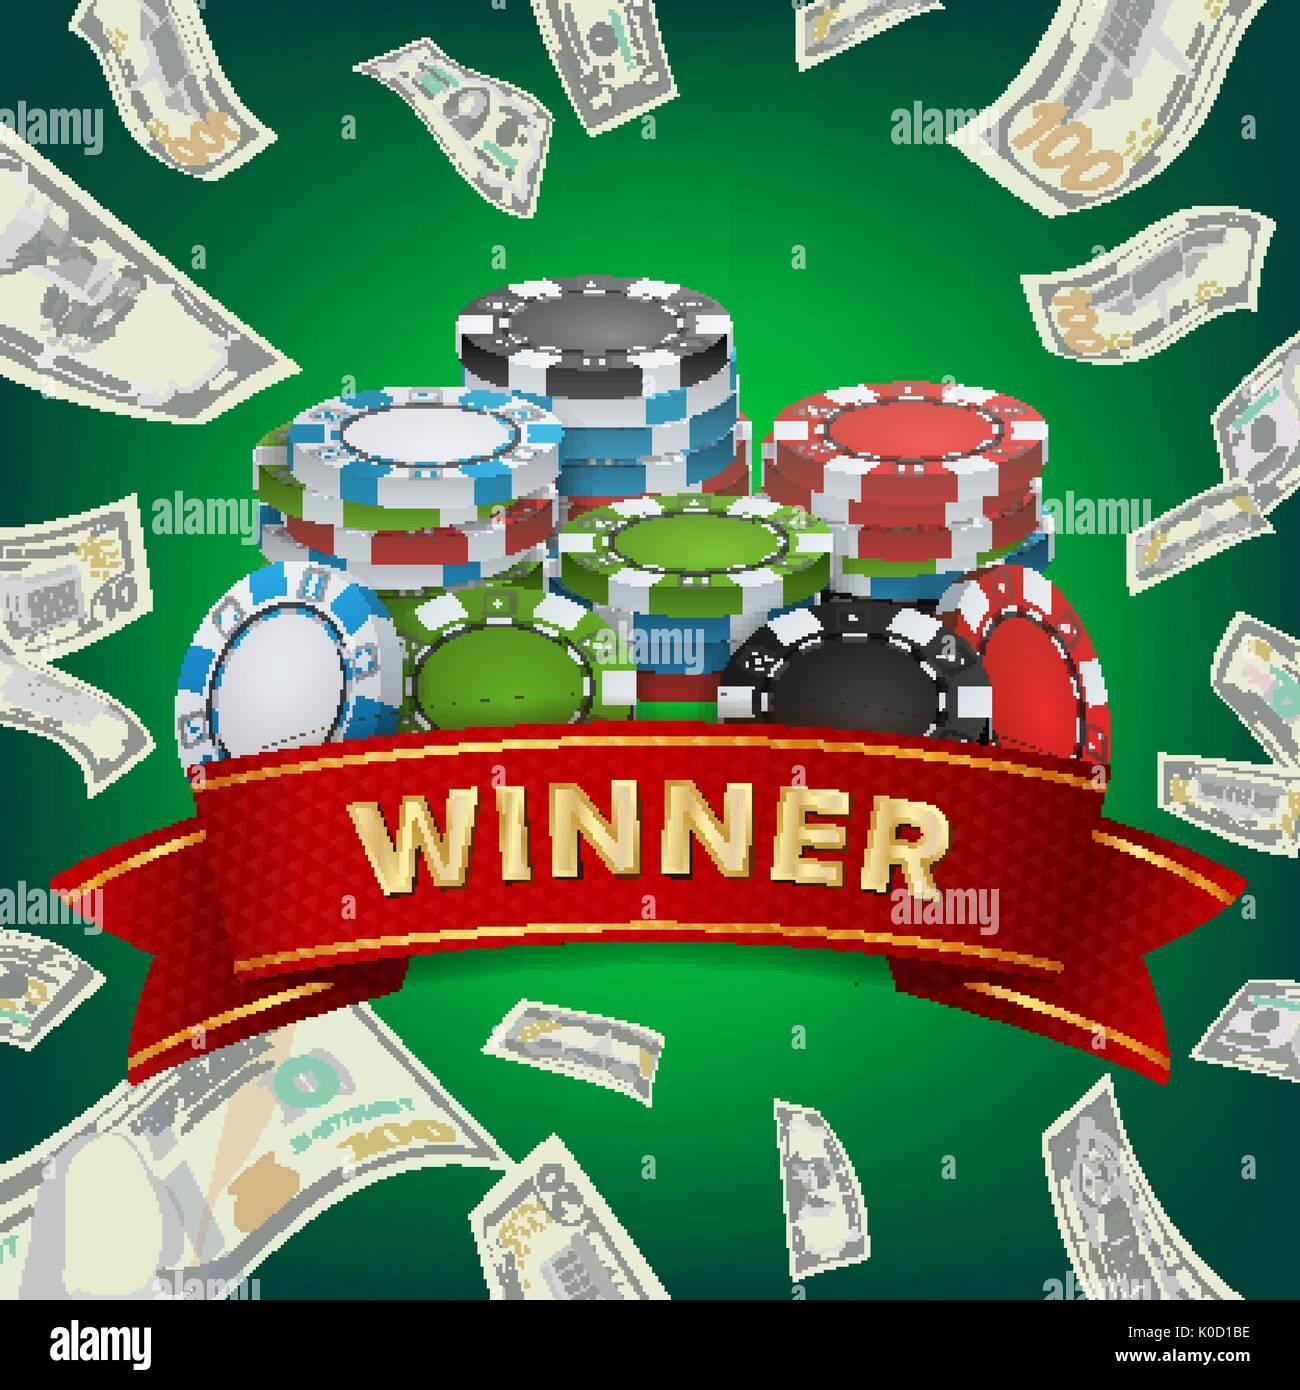 Winner Background Vector Gambling Poker Chips Lucky Jackpot Stock Vector Image Art Alamy